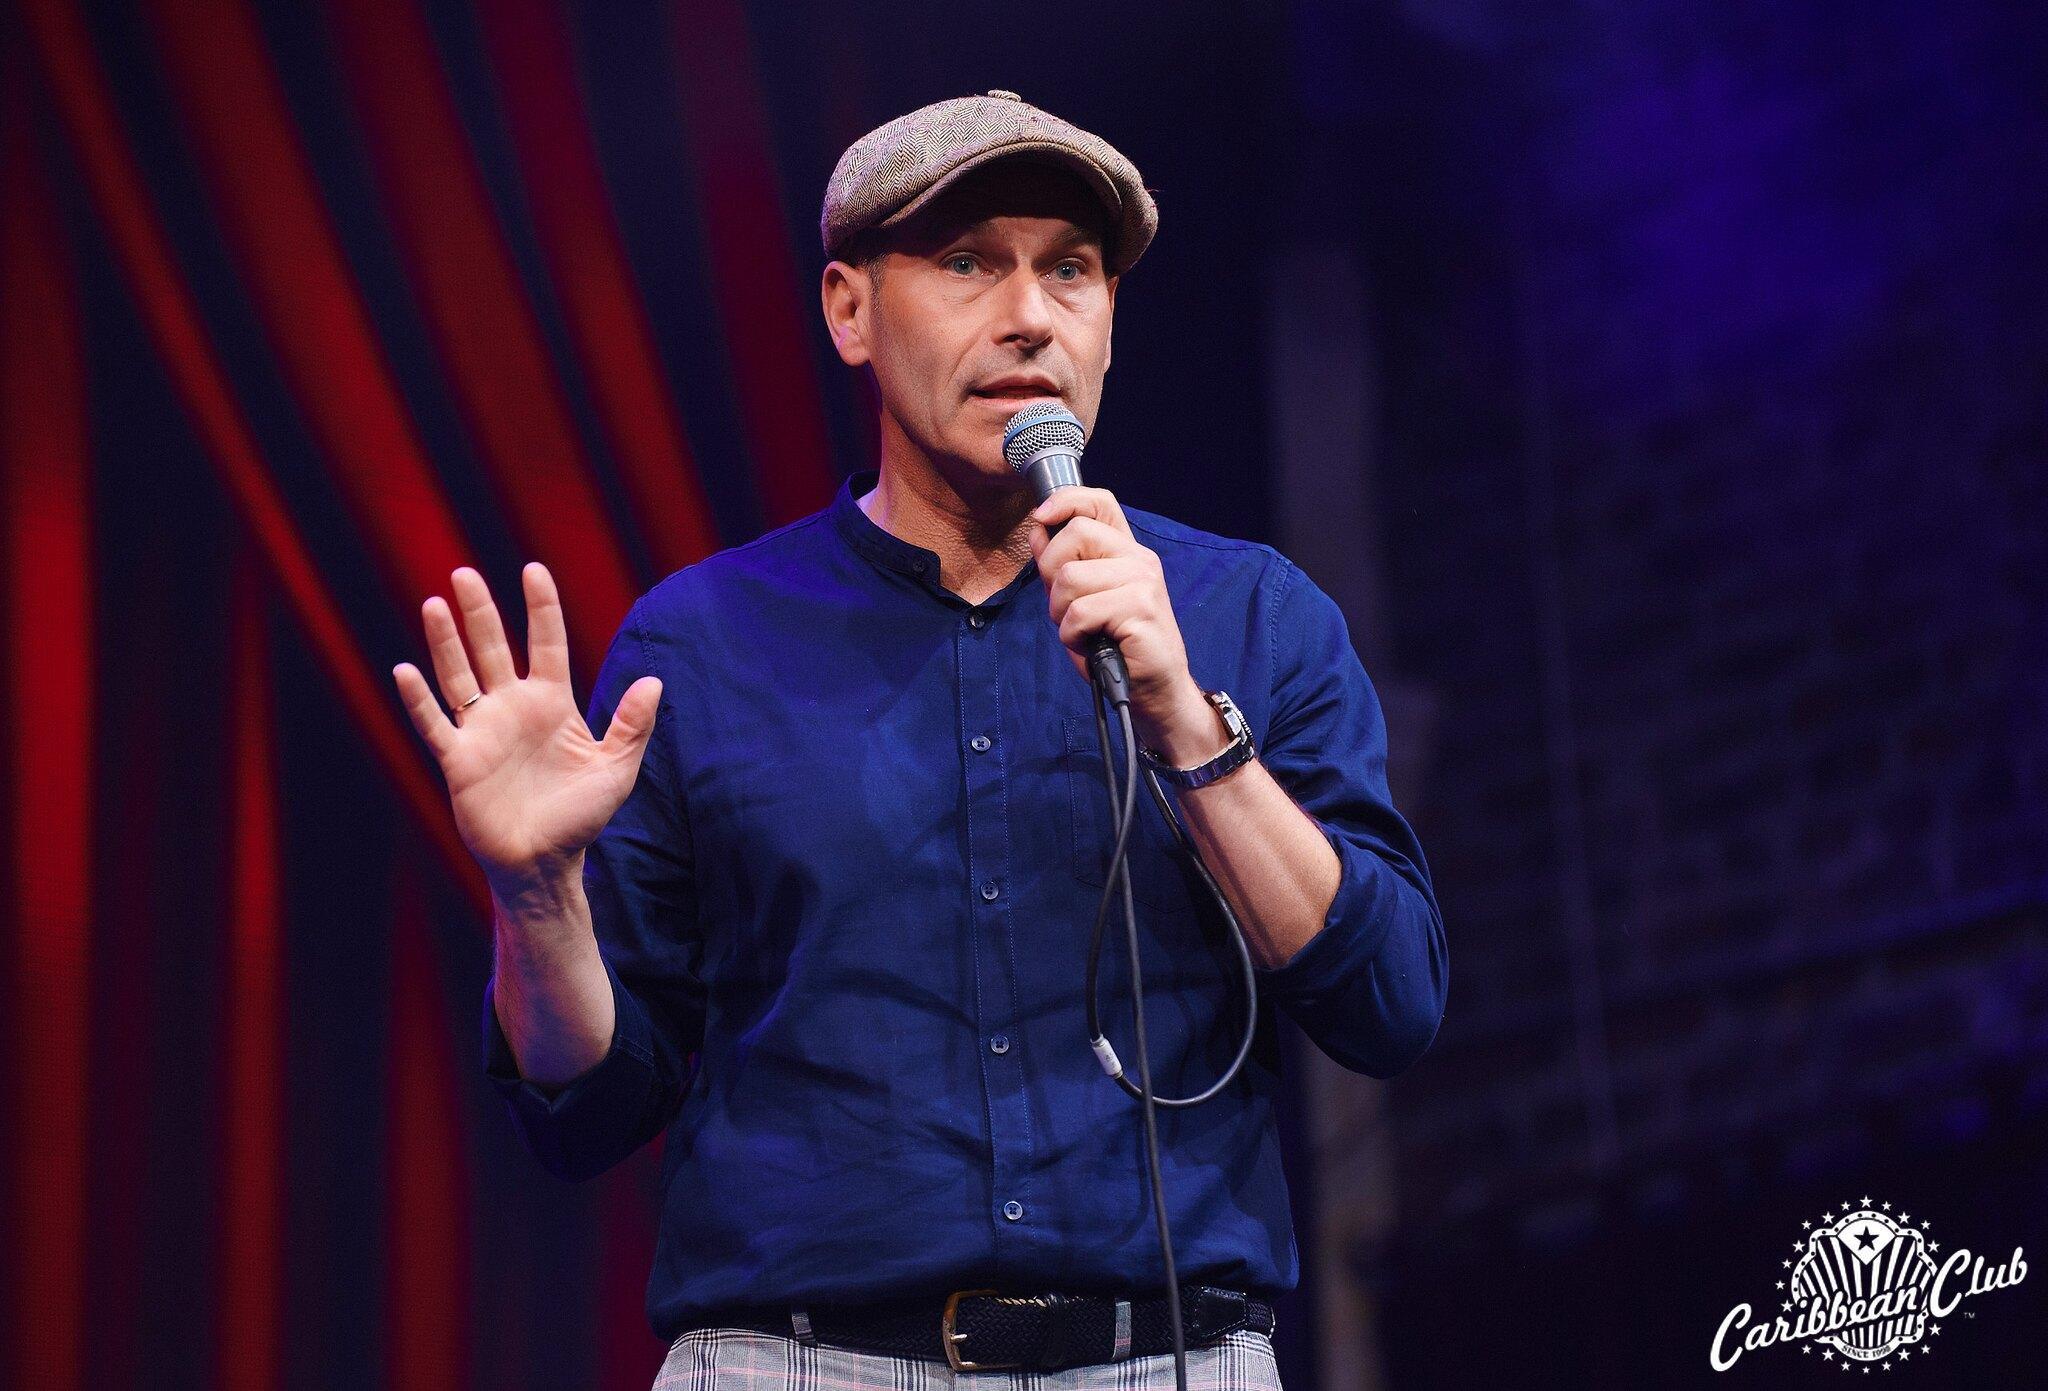 Михаил Шац выступит в Caribbean Club с сольным стендап-концертом